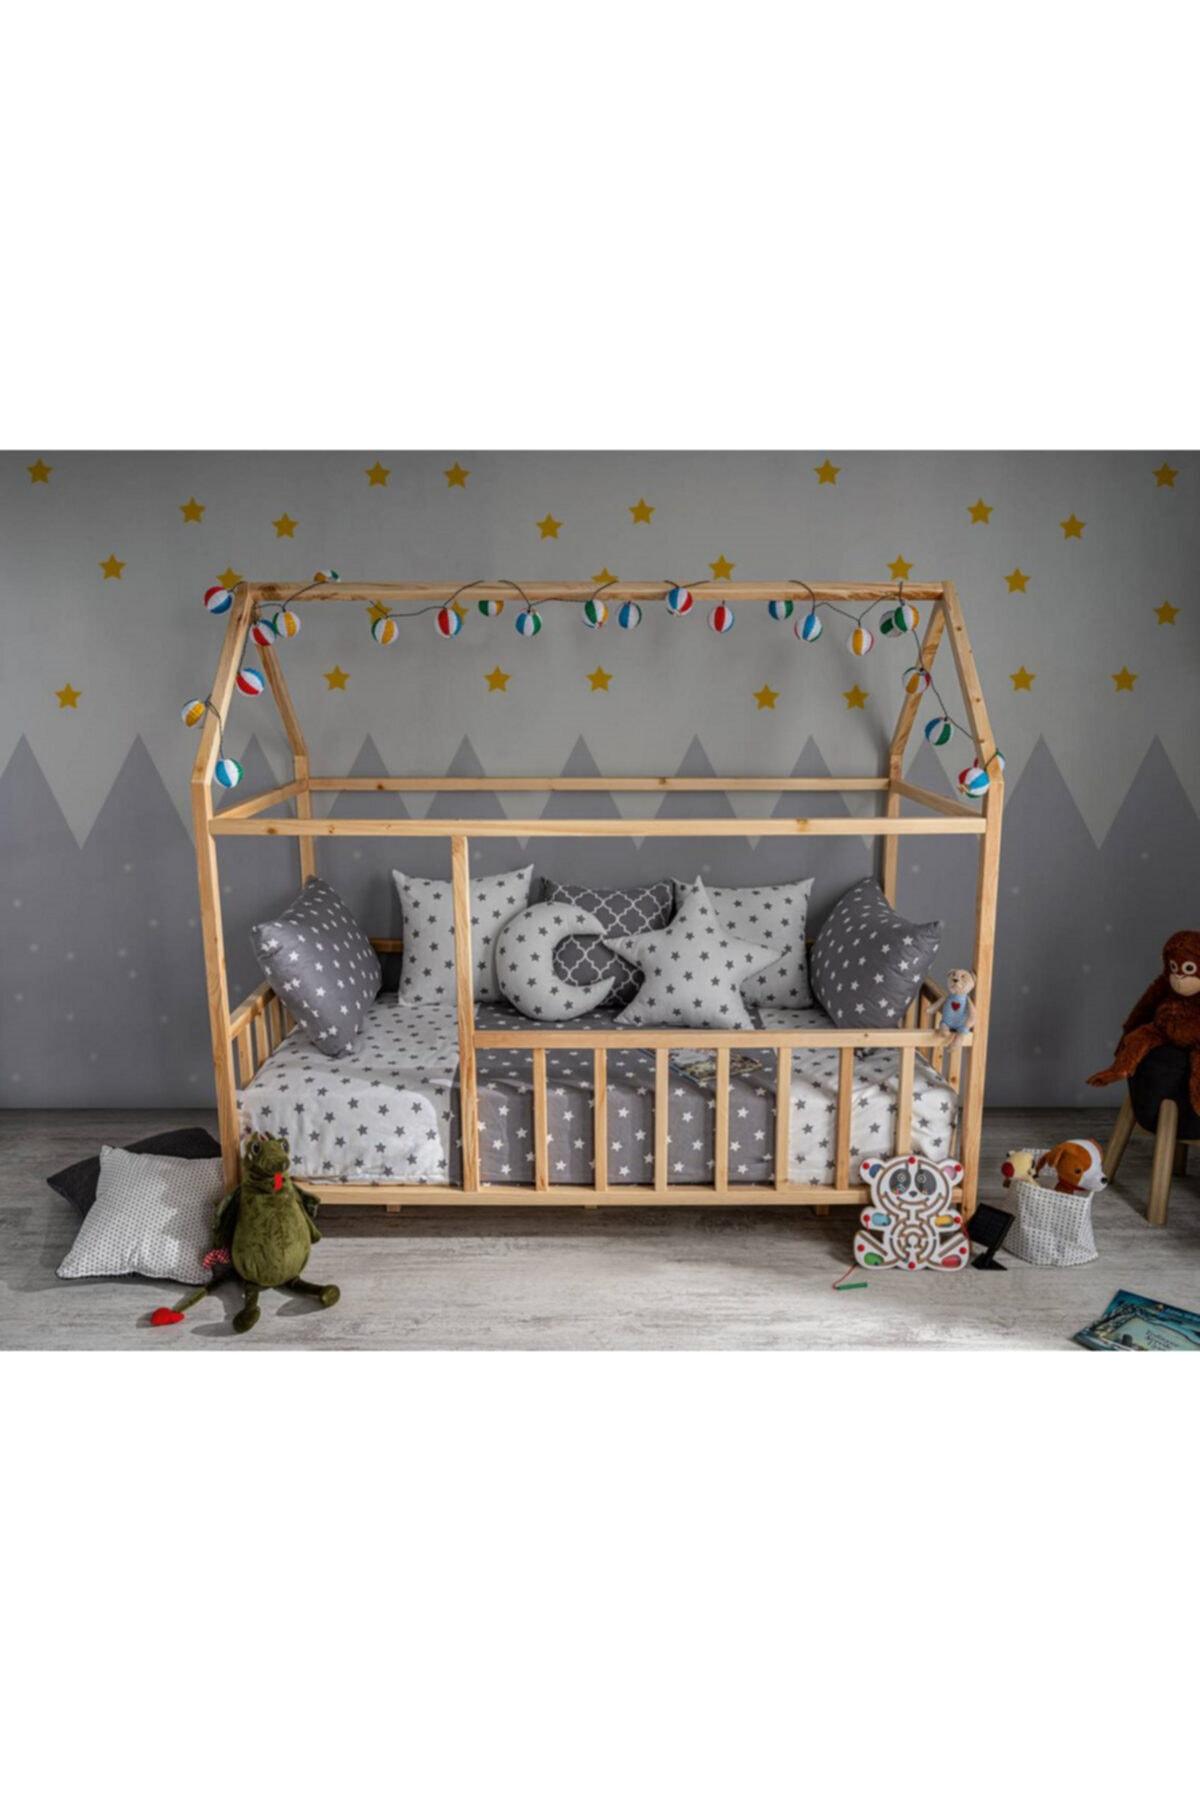 Baby Kinder ® 90x190 Çatılı Doğal (organik - Çam) Montessori Bebek & Çocuk Karyolası 2